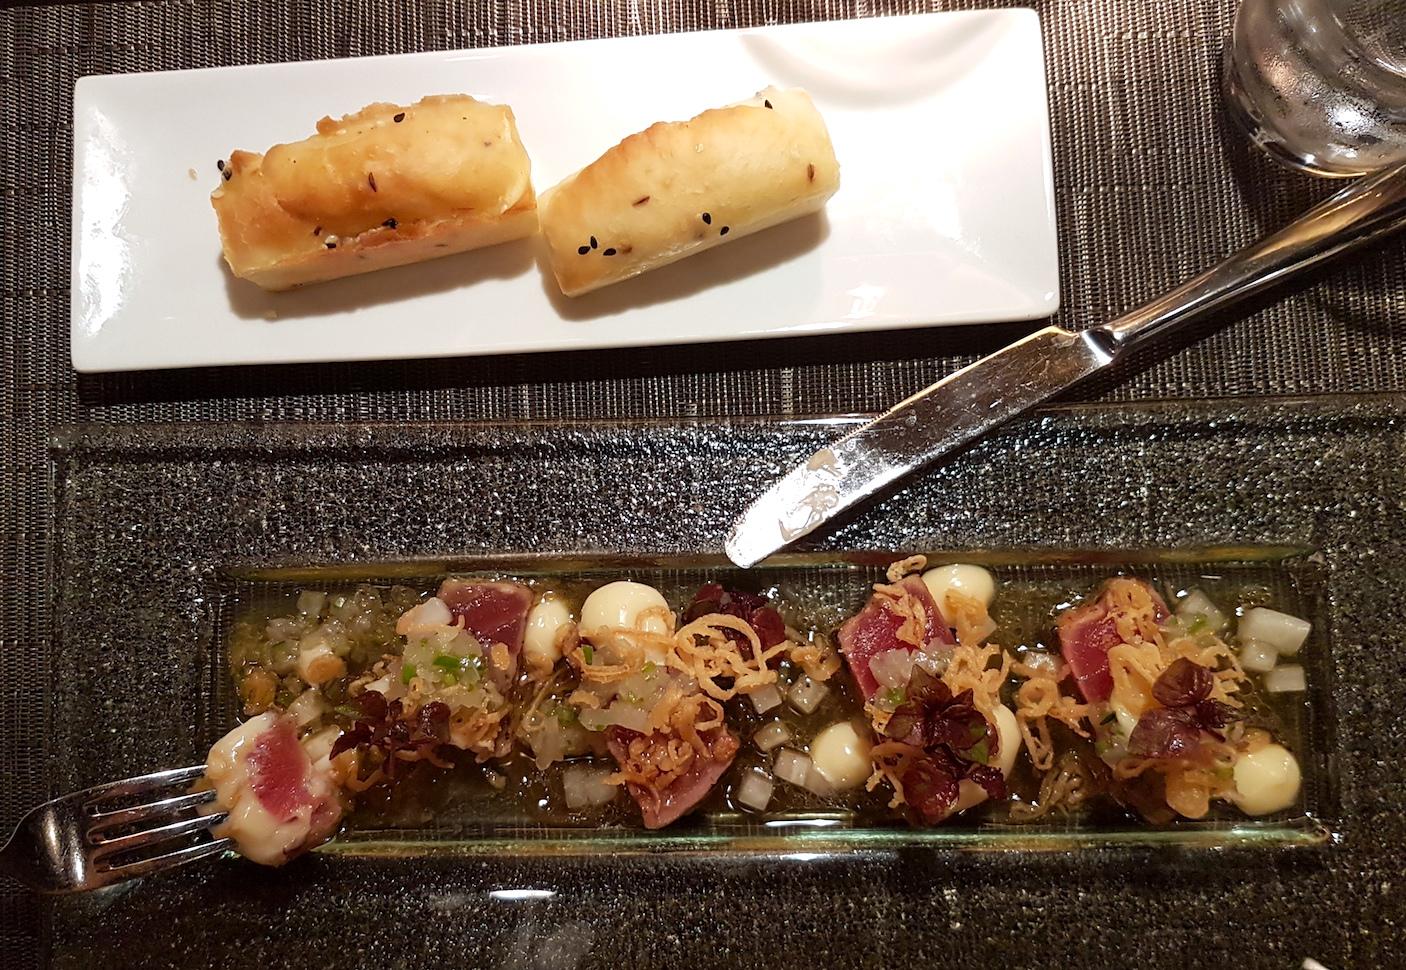 vassa eggen tonfisk